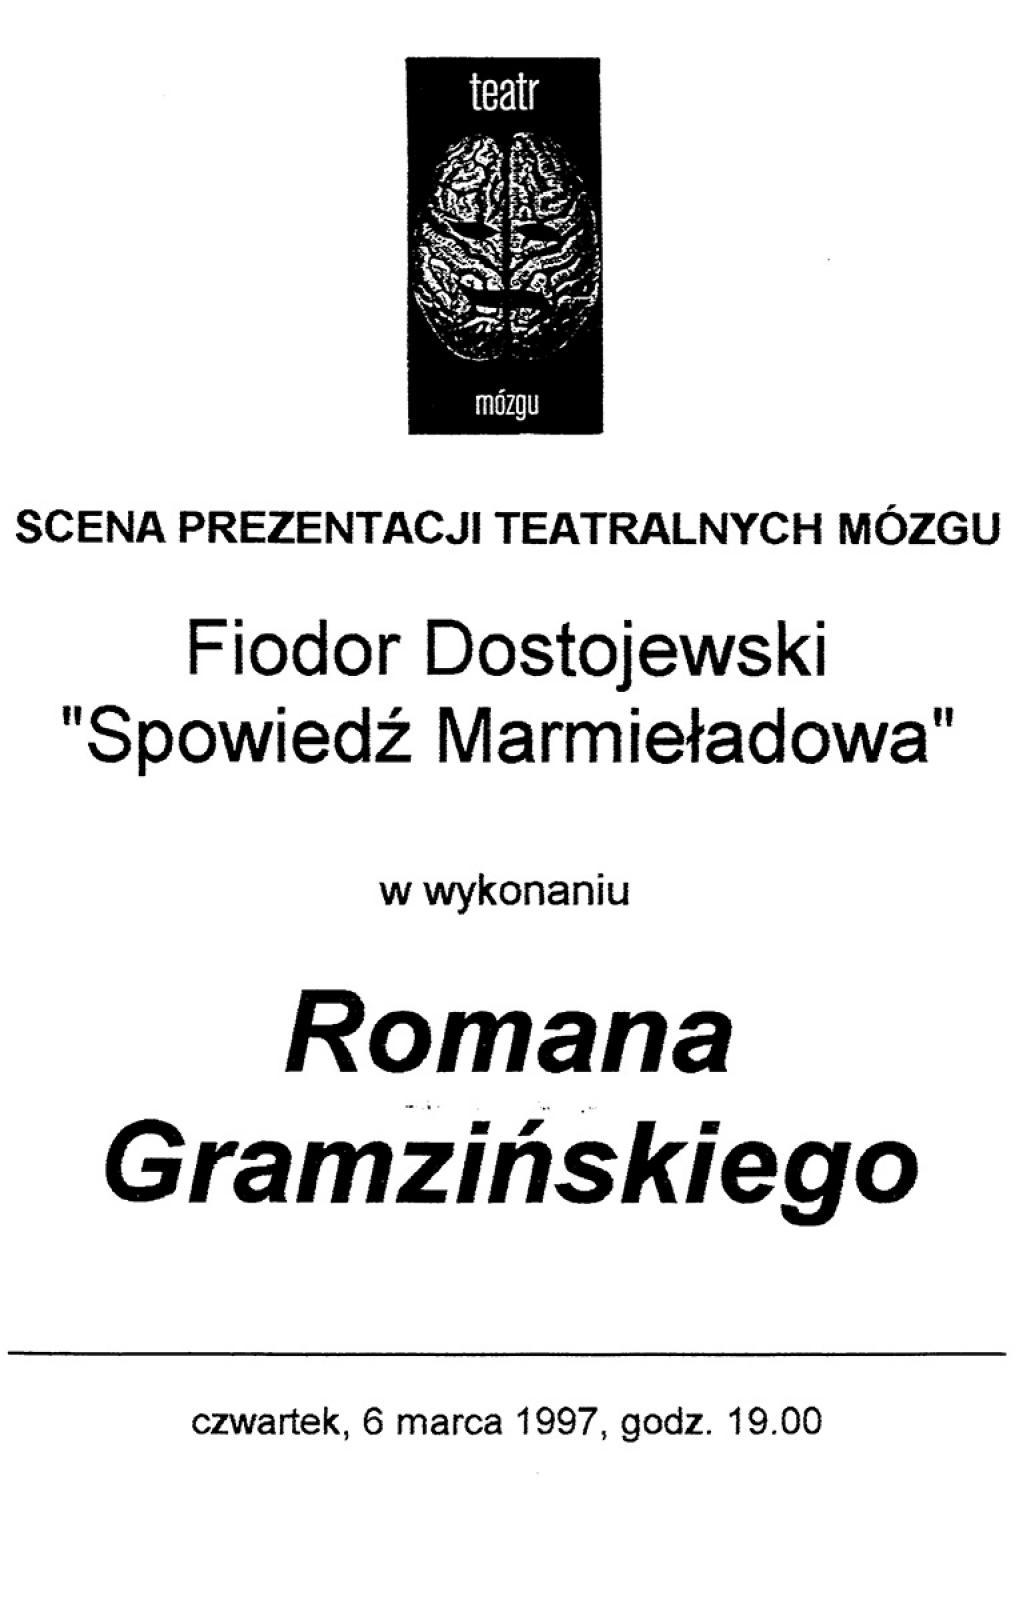 """Teatr Mózgu: scena prezentacji teatralnych - Fiodor Dostojewski """"Spowiedż Marmieładowa"""""""